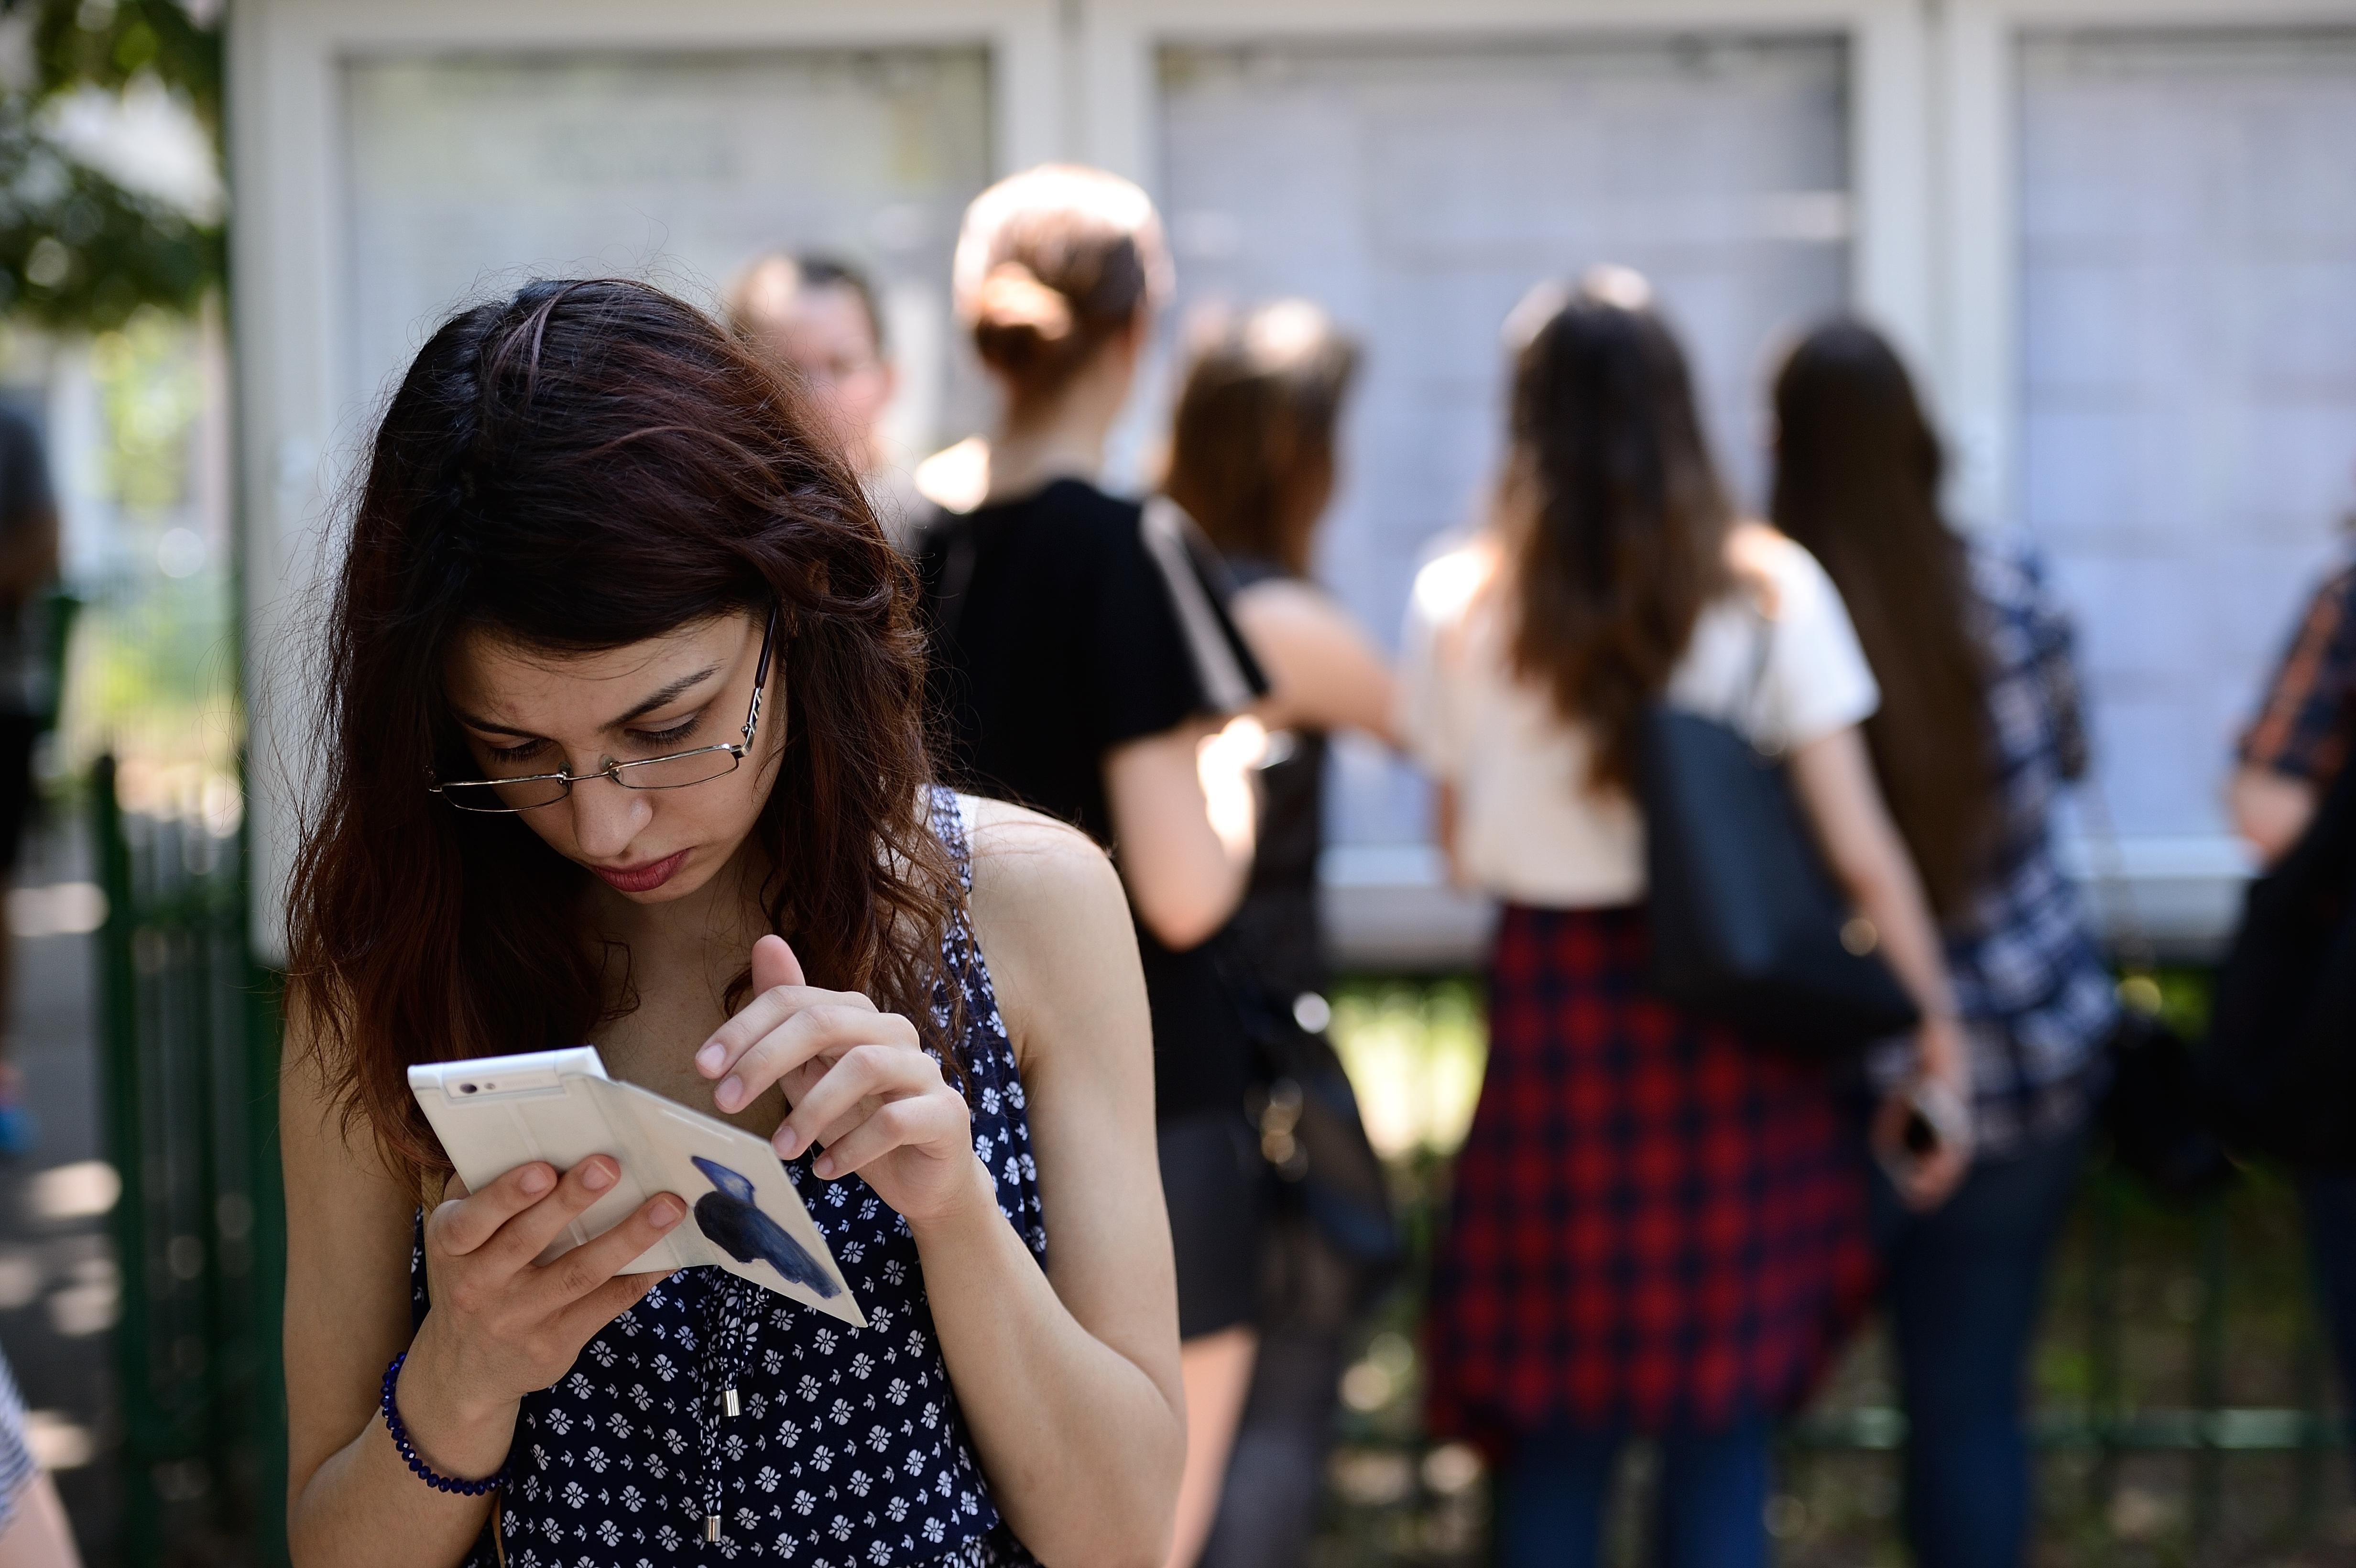 O tânără a fost ELIMINATĂ din bacalaureat pentru că i-a sunat telefonul mobil în timpul examenului